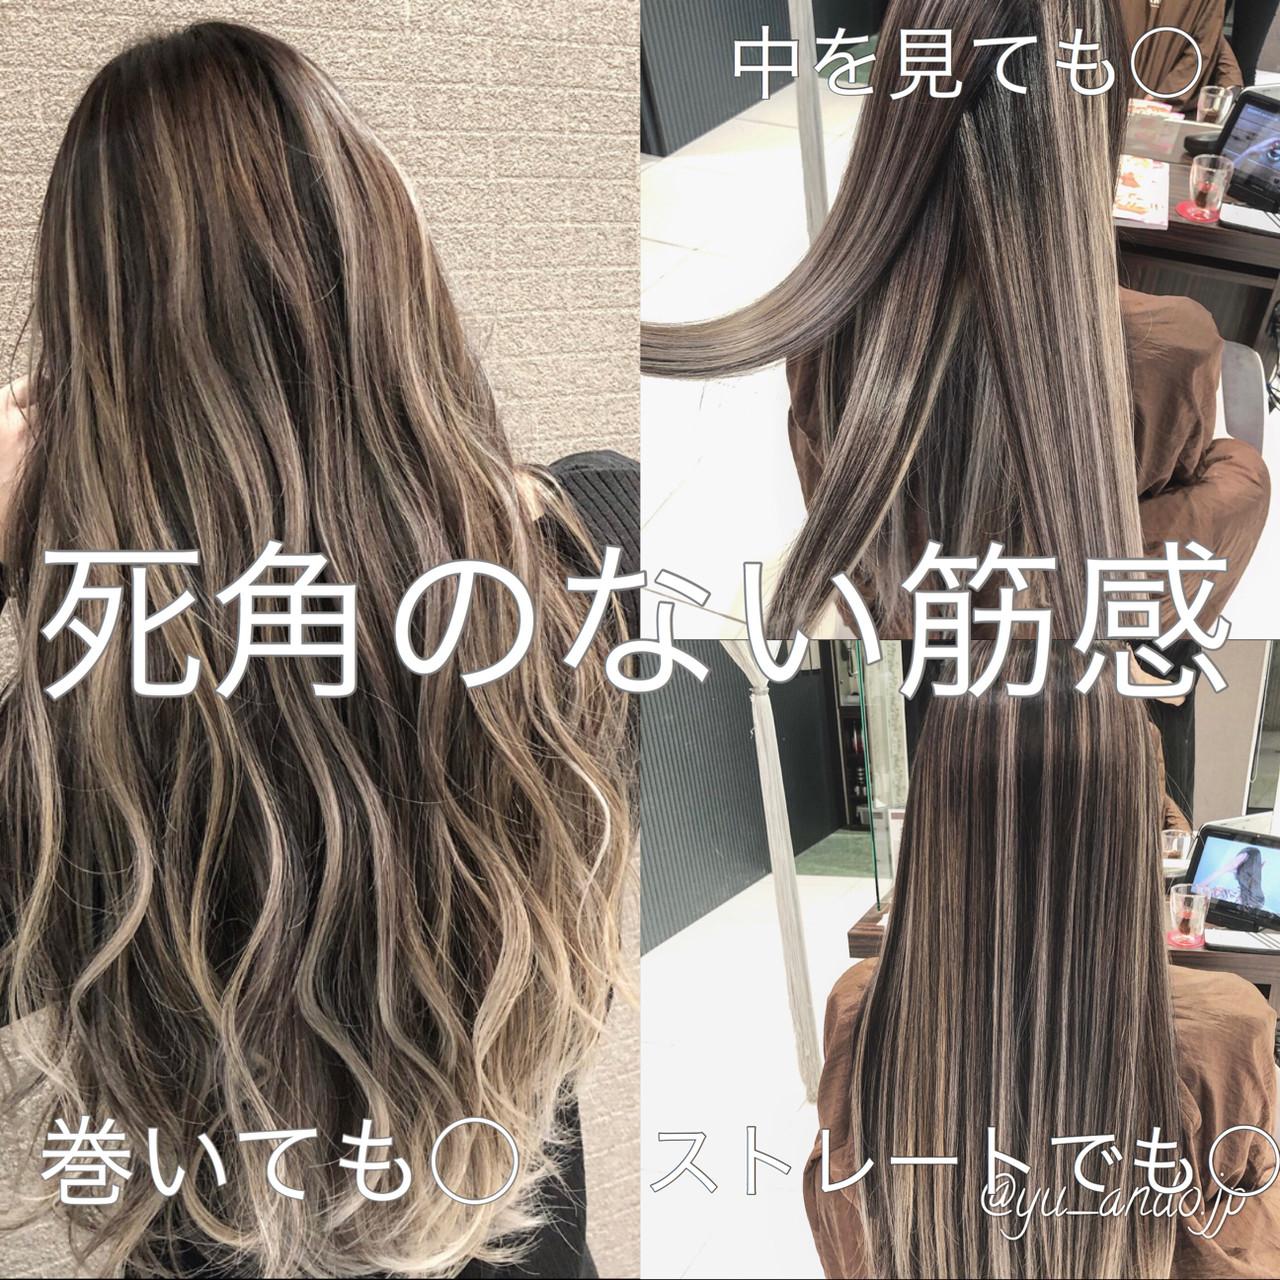 デート 外国人風 ストリート バレイヤージュ ヘアスタイルや髪型の写真・画像 | アンドウ ユウ / agu hair edge